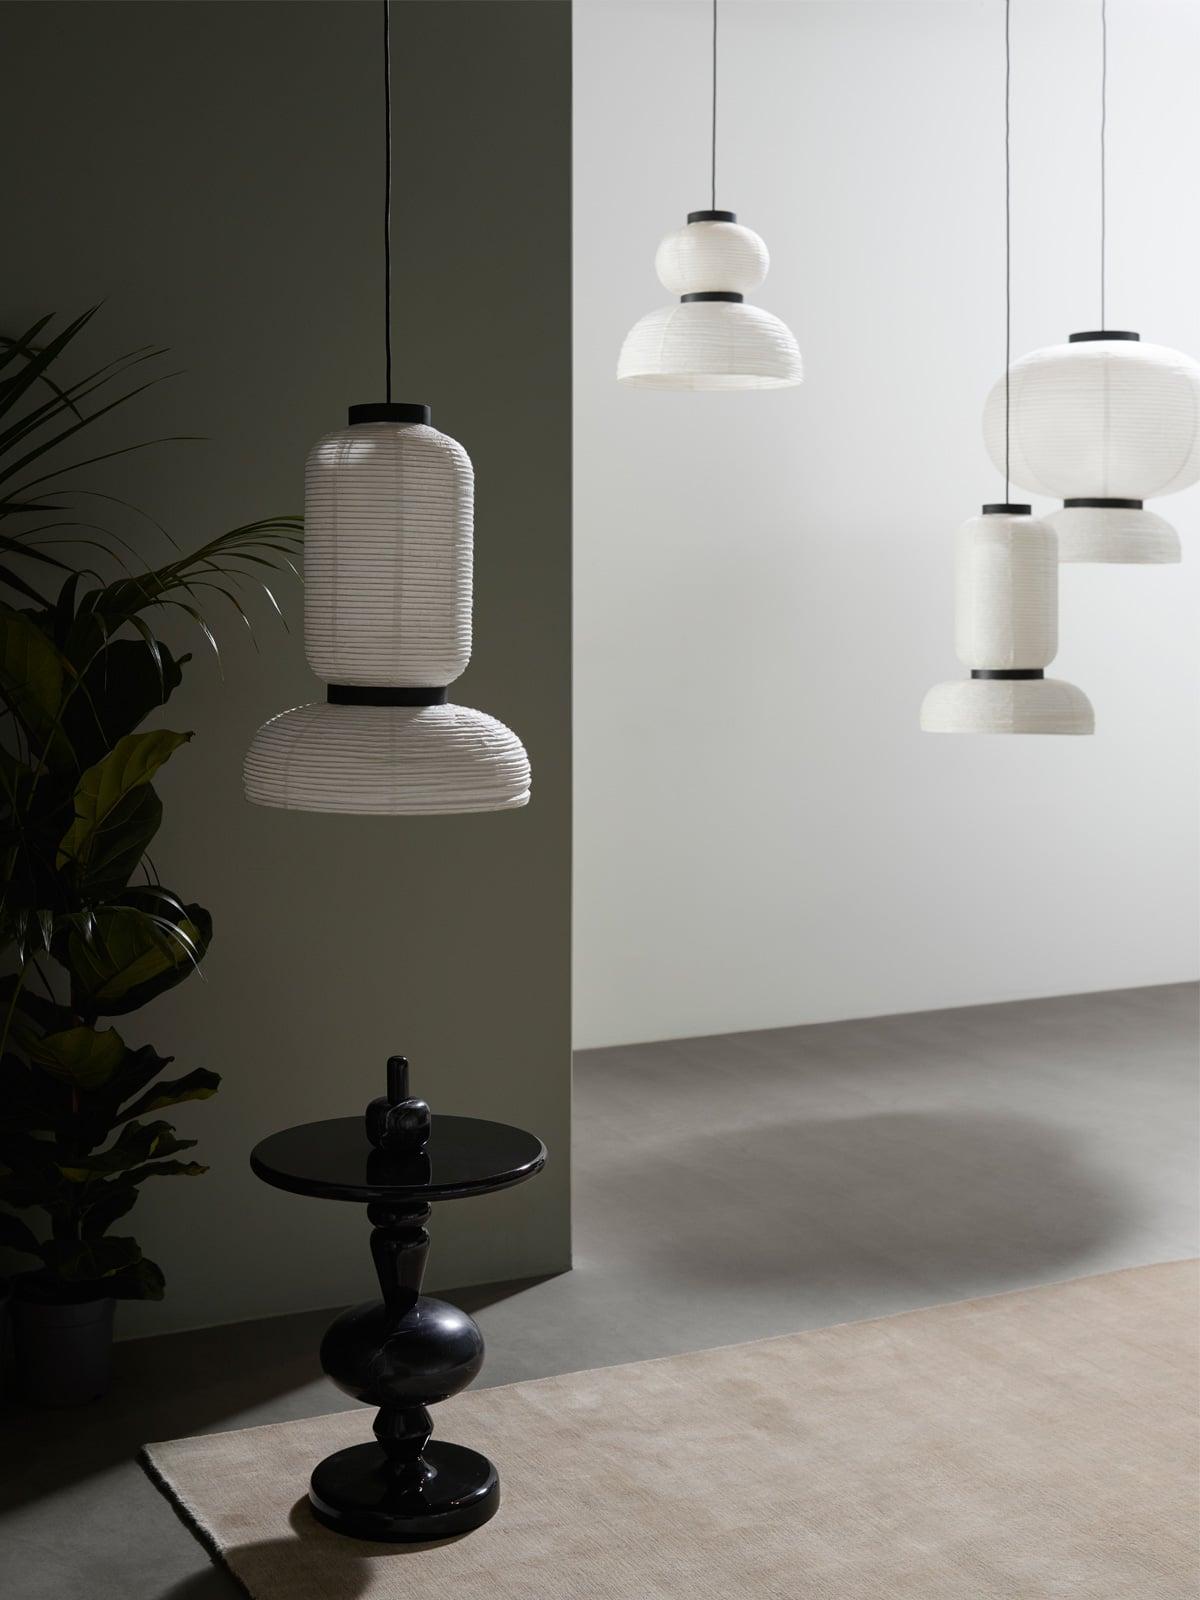 formakami jh4 - lampen leuchten designerleuchten online berlin design, Gartengerate ideen